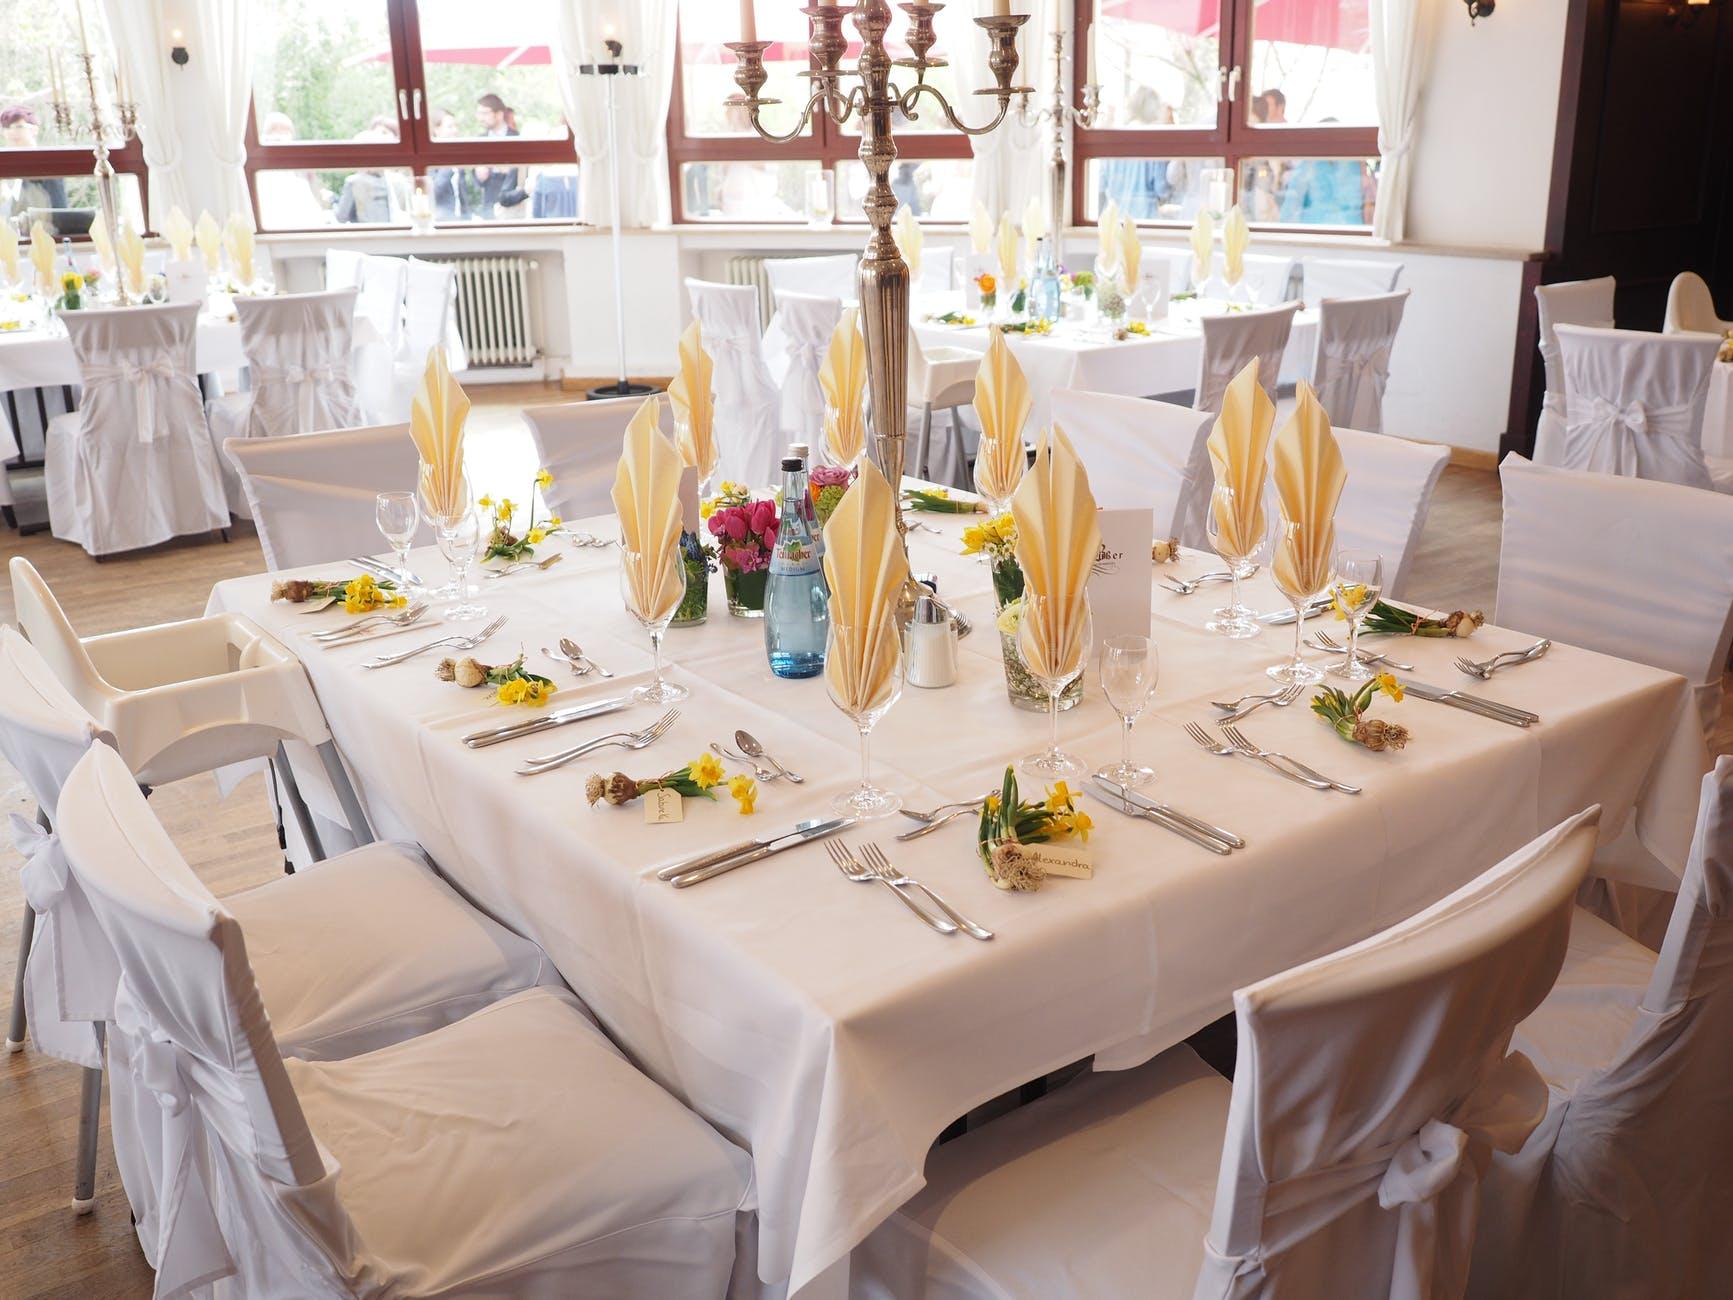 Düğün Oturma Planı Nasıl Belirlenir?